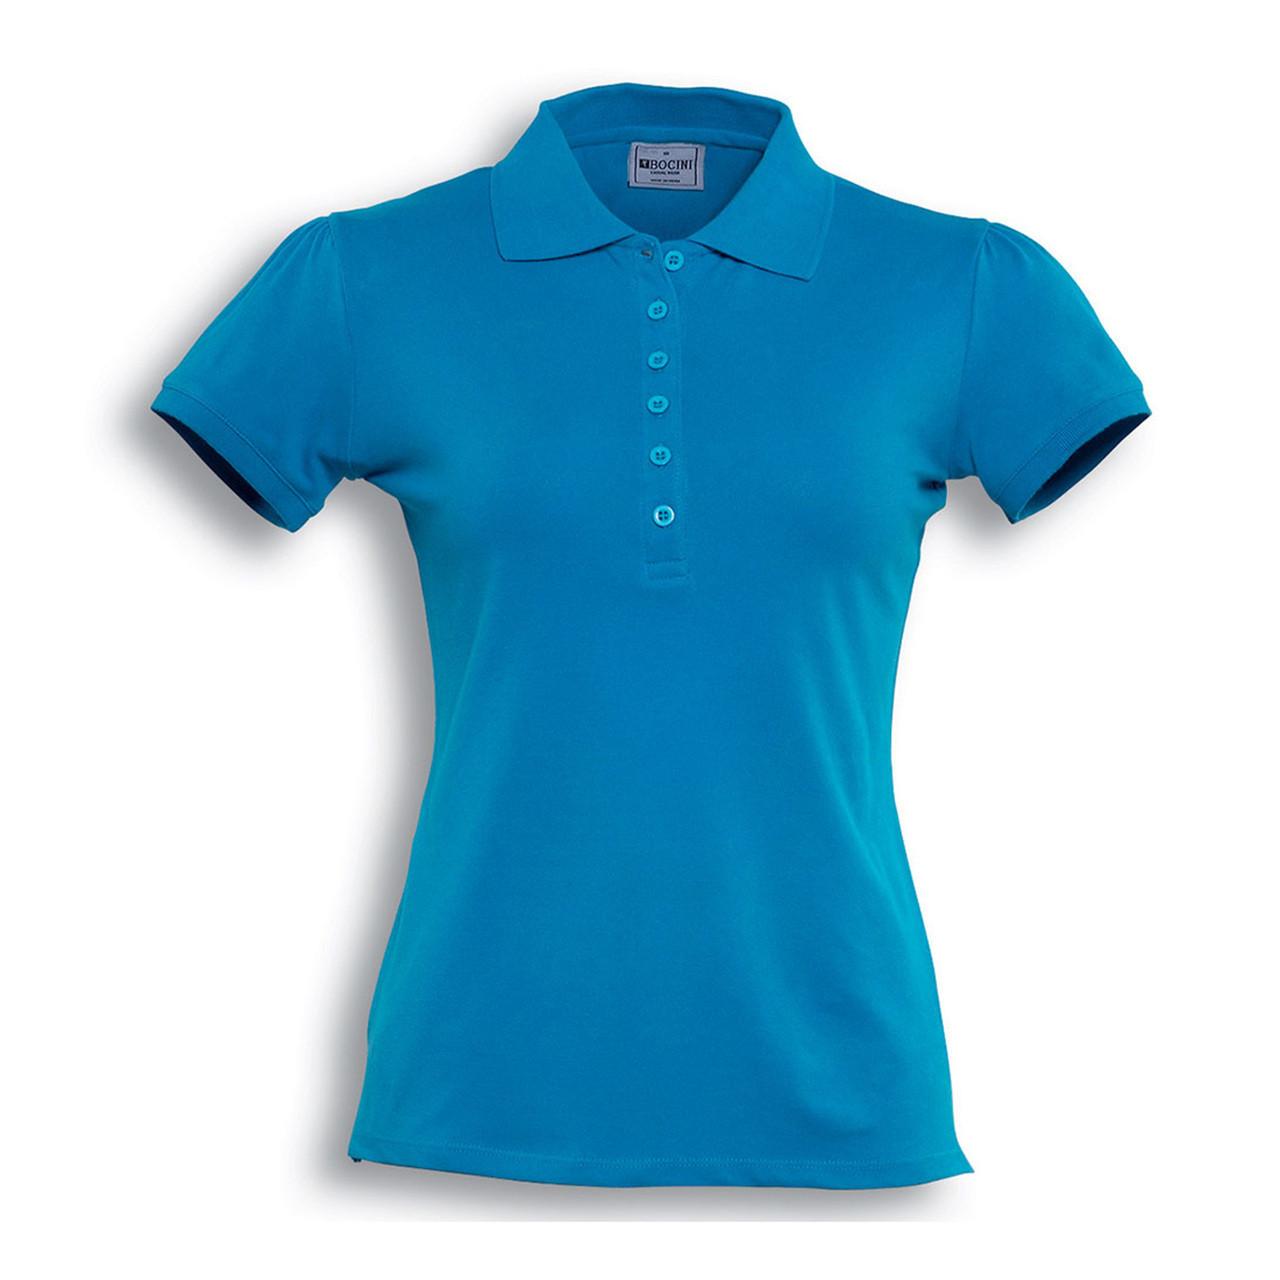 73083f157 CHLOE | Women's Polo Shirts